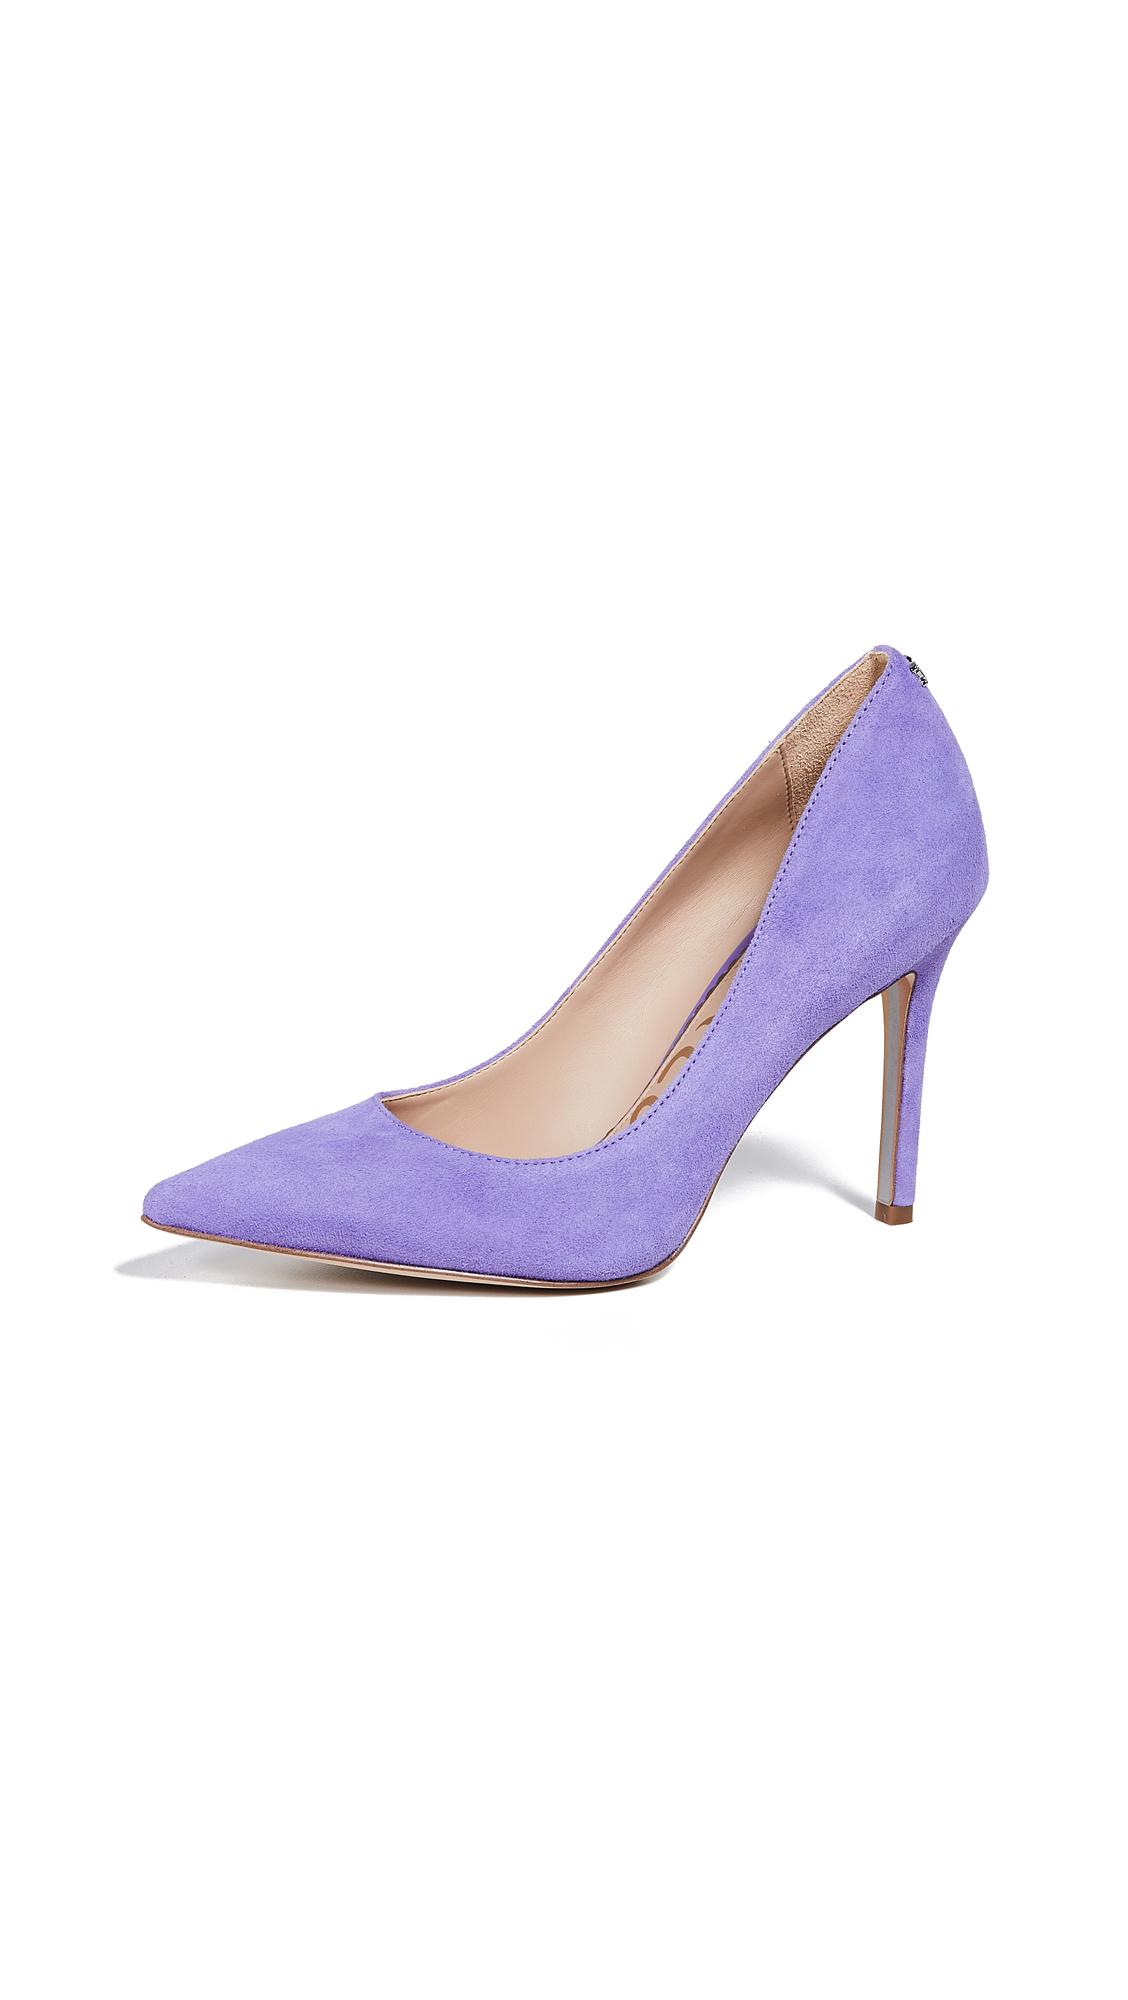 Sam Edelman Hazel Pumps - Wild Lavender